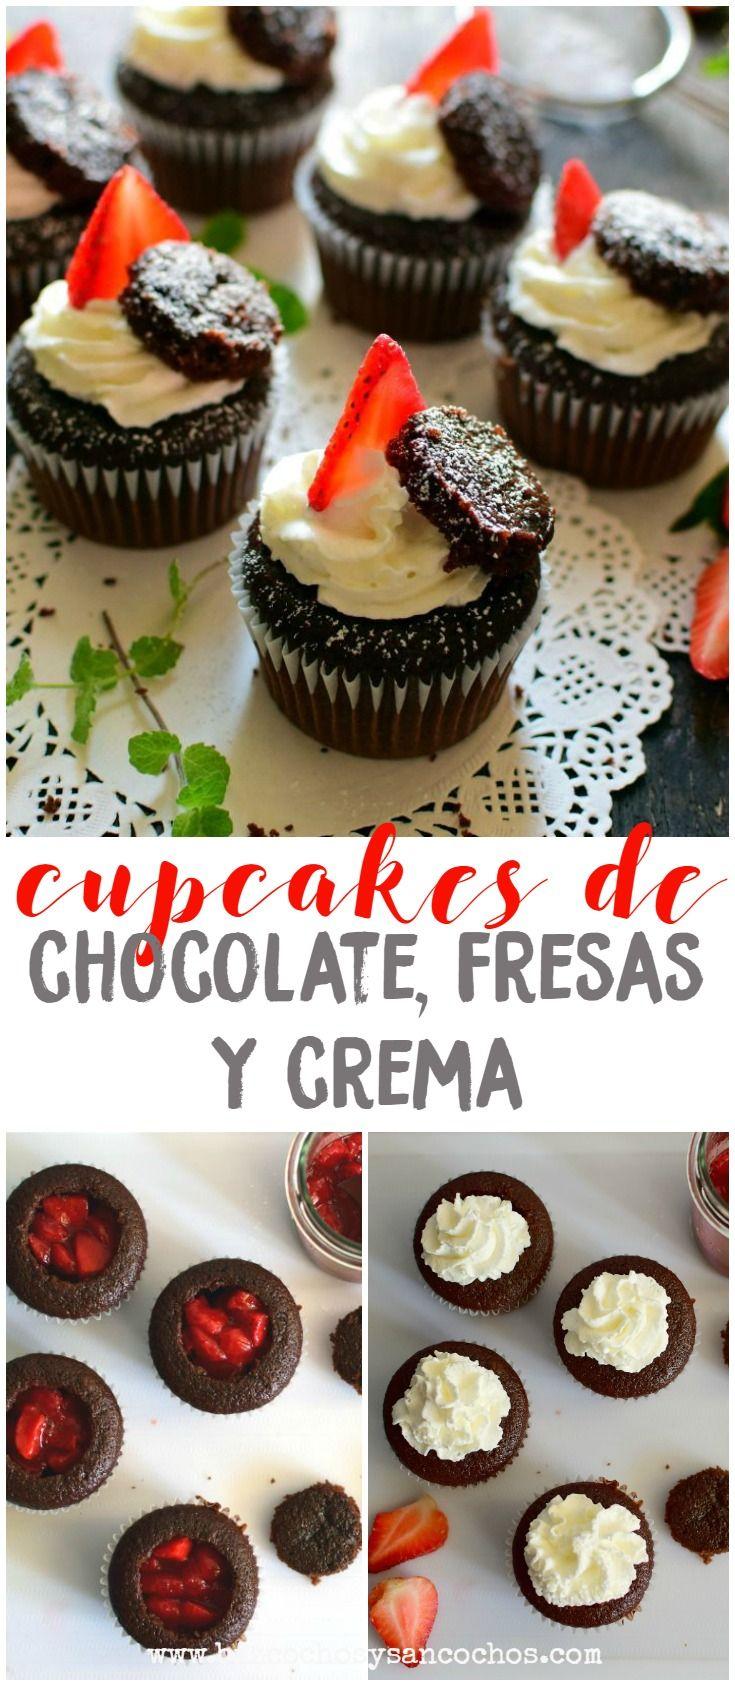 Cupcakes esponjosos de chocolate, rellenos de trozos de fresas maceradas y decorados con crema batida, fresas frescas y trozos del mismo bizcocho, fáciles y deliciosos. Perfectos para el brunch del día de las madres